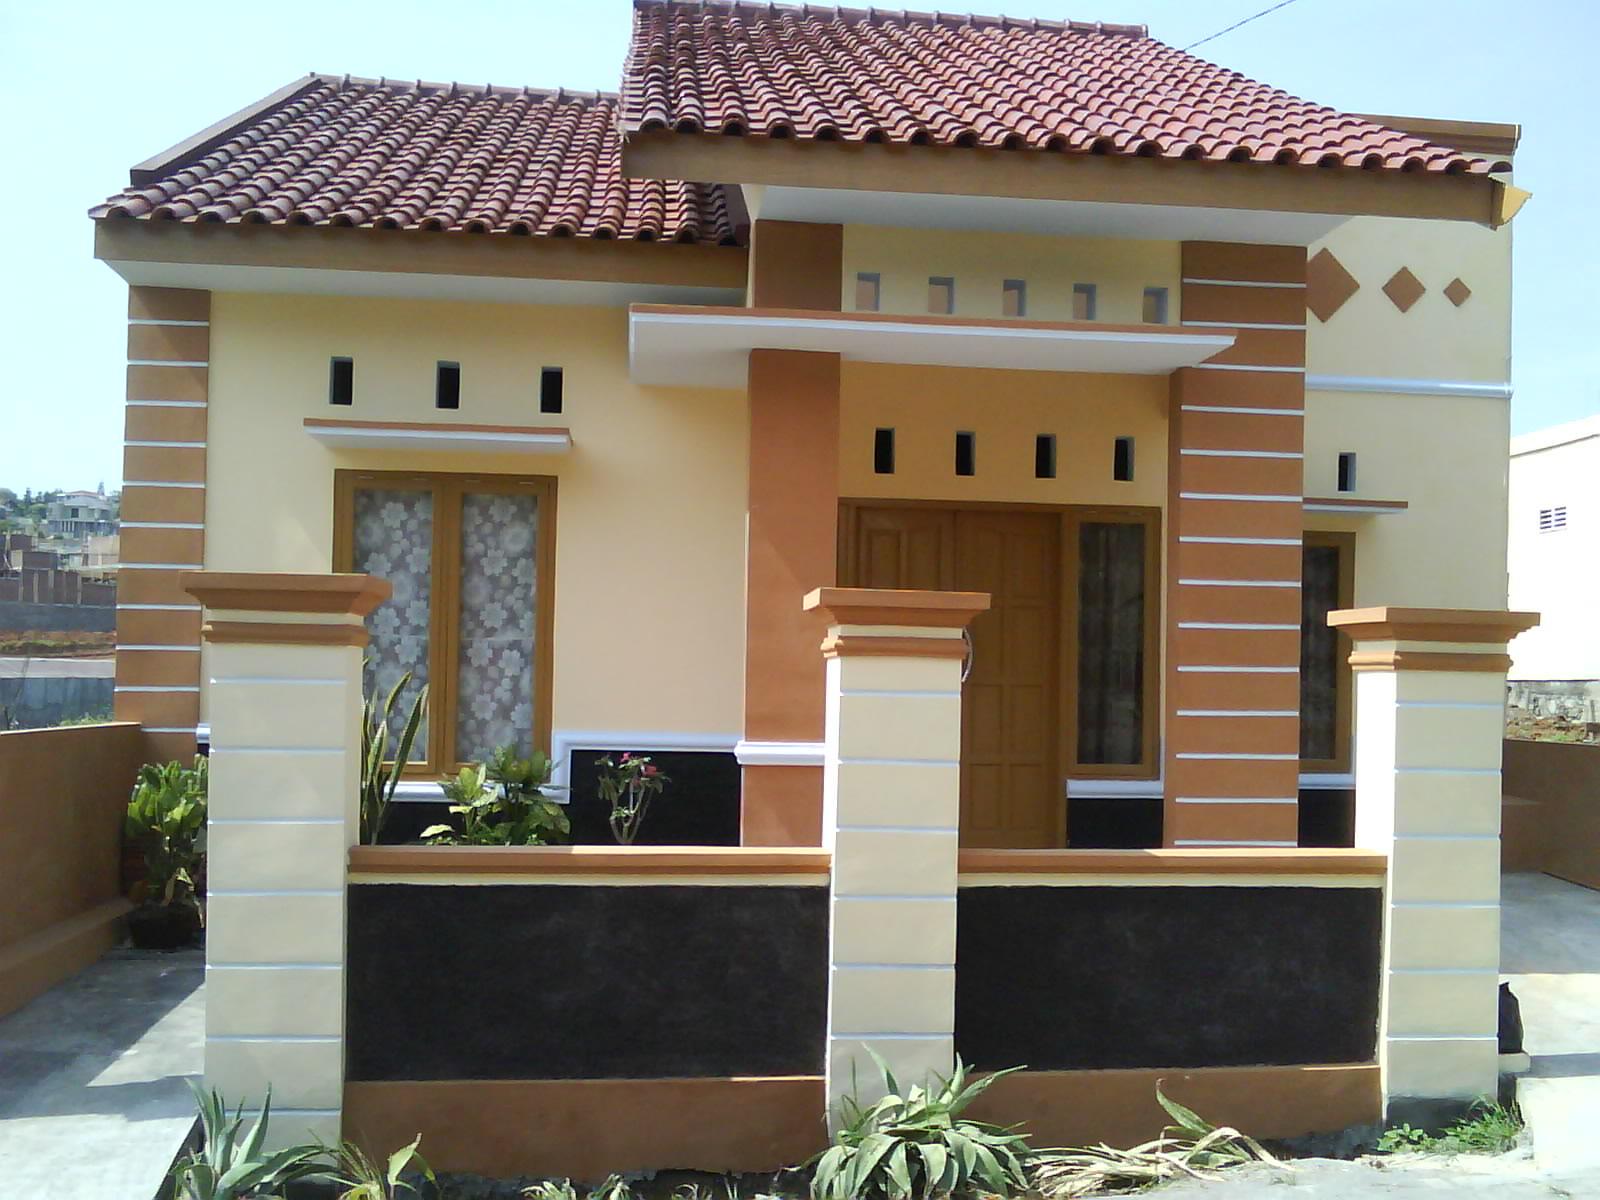 Kumpulan Desain Rumah Minimalis Sederhana Paling Populer ...